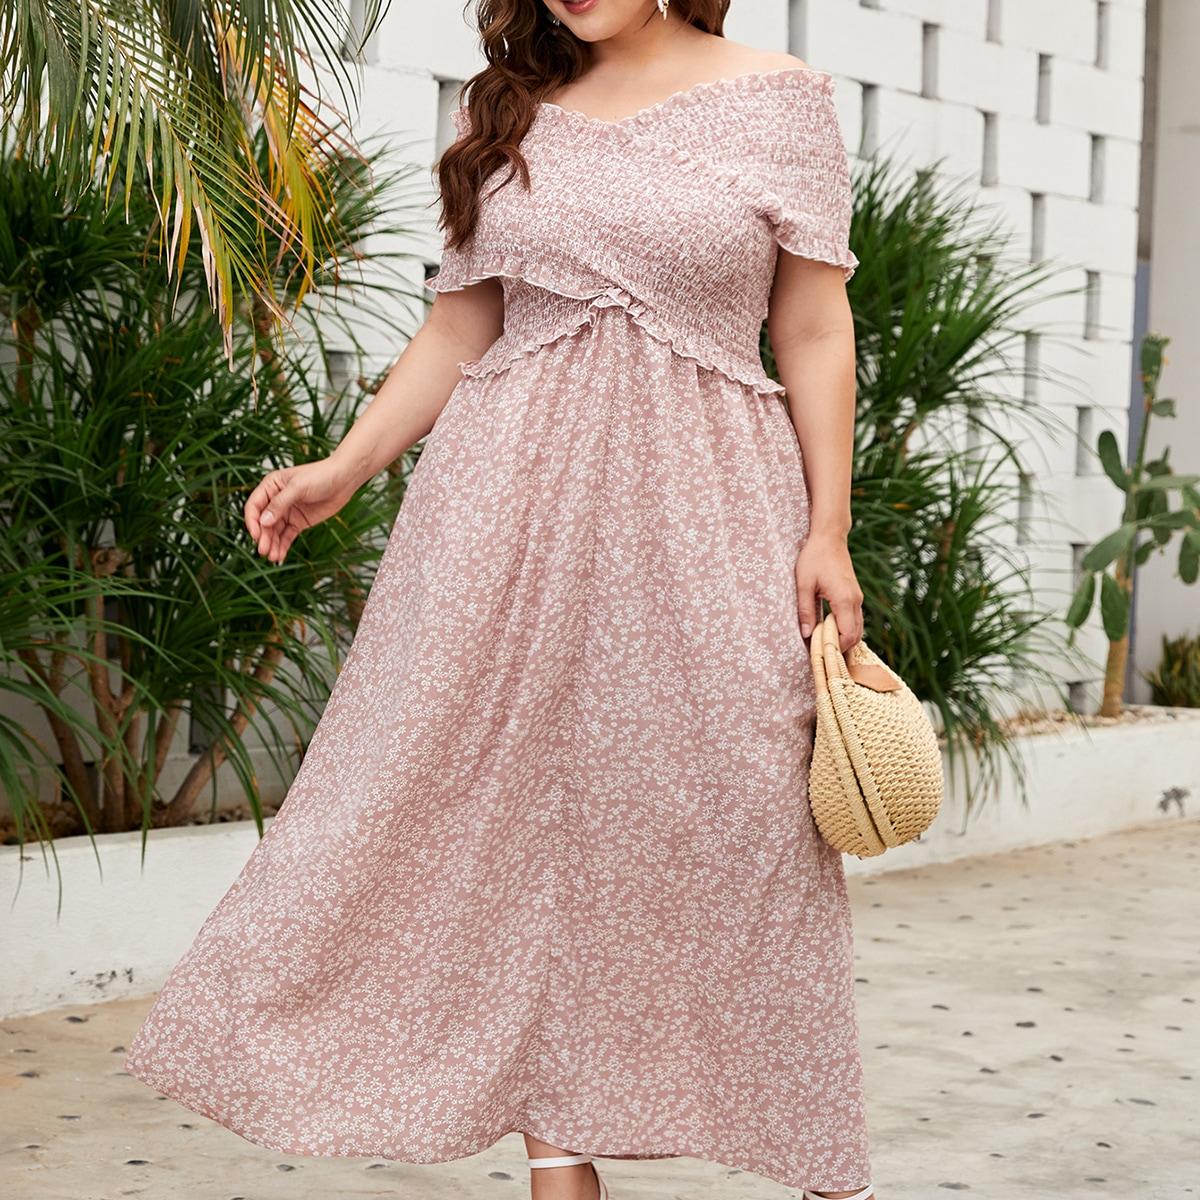 размера плюс Платье с цветочным принтом с открытыми плечами